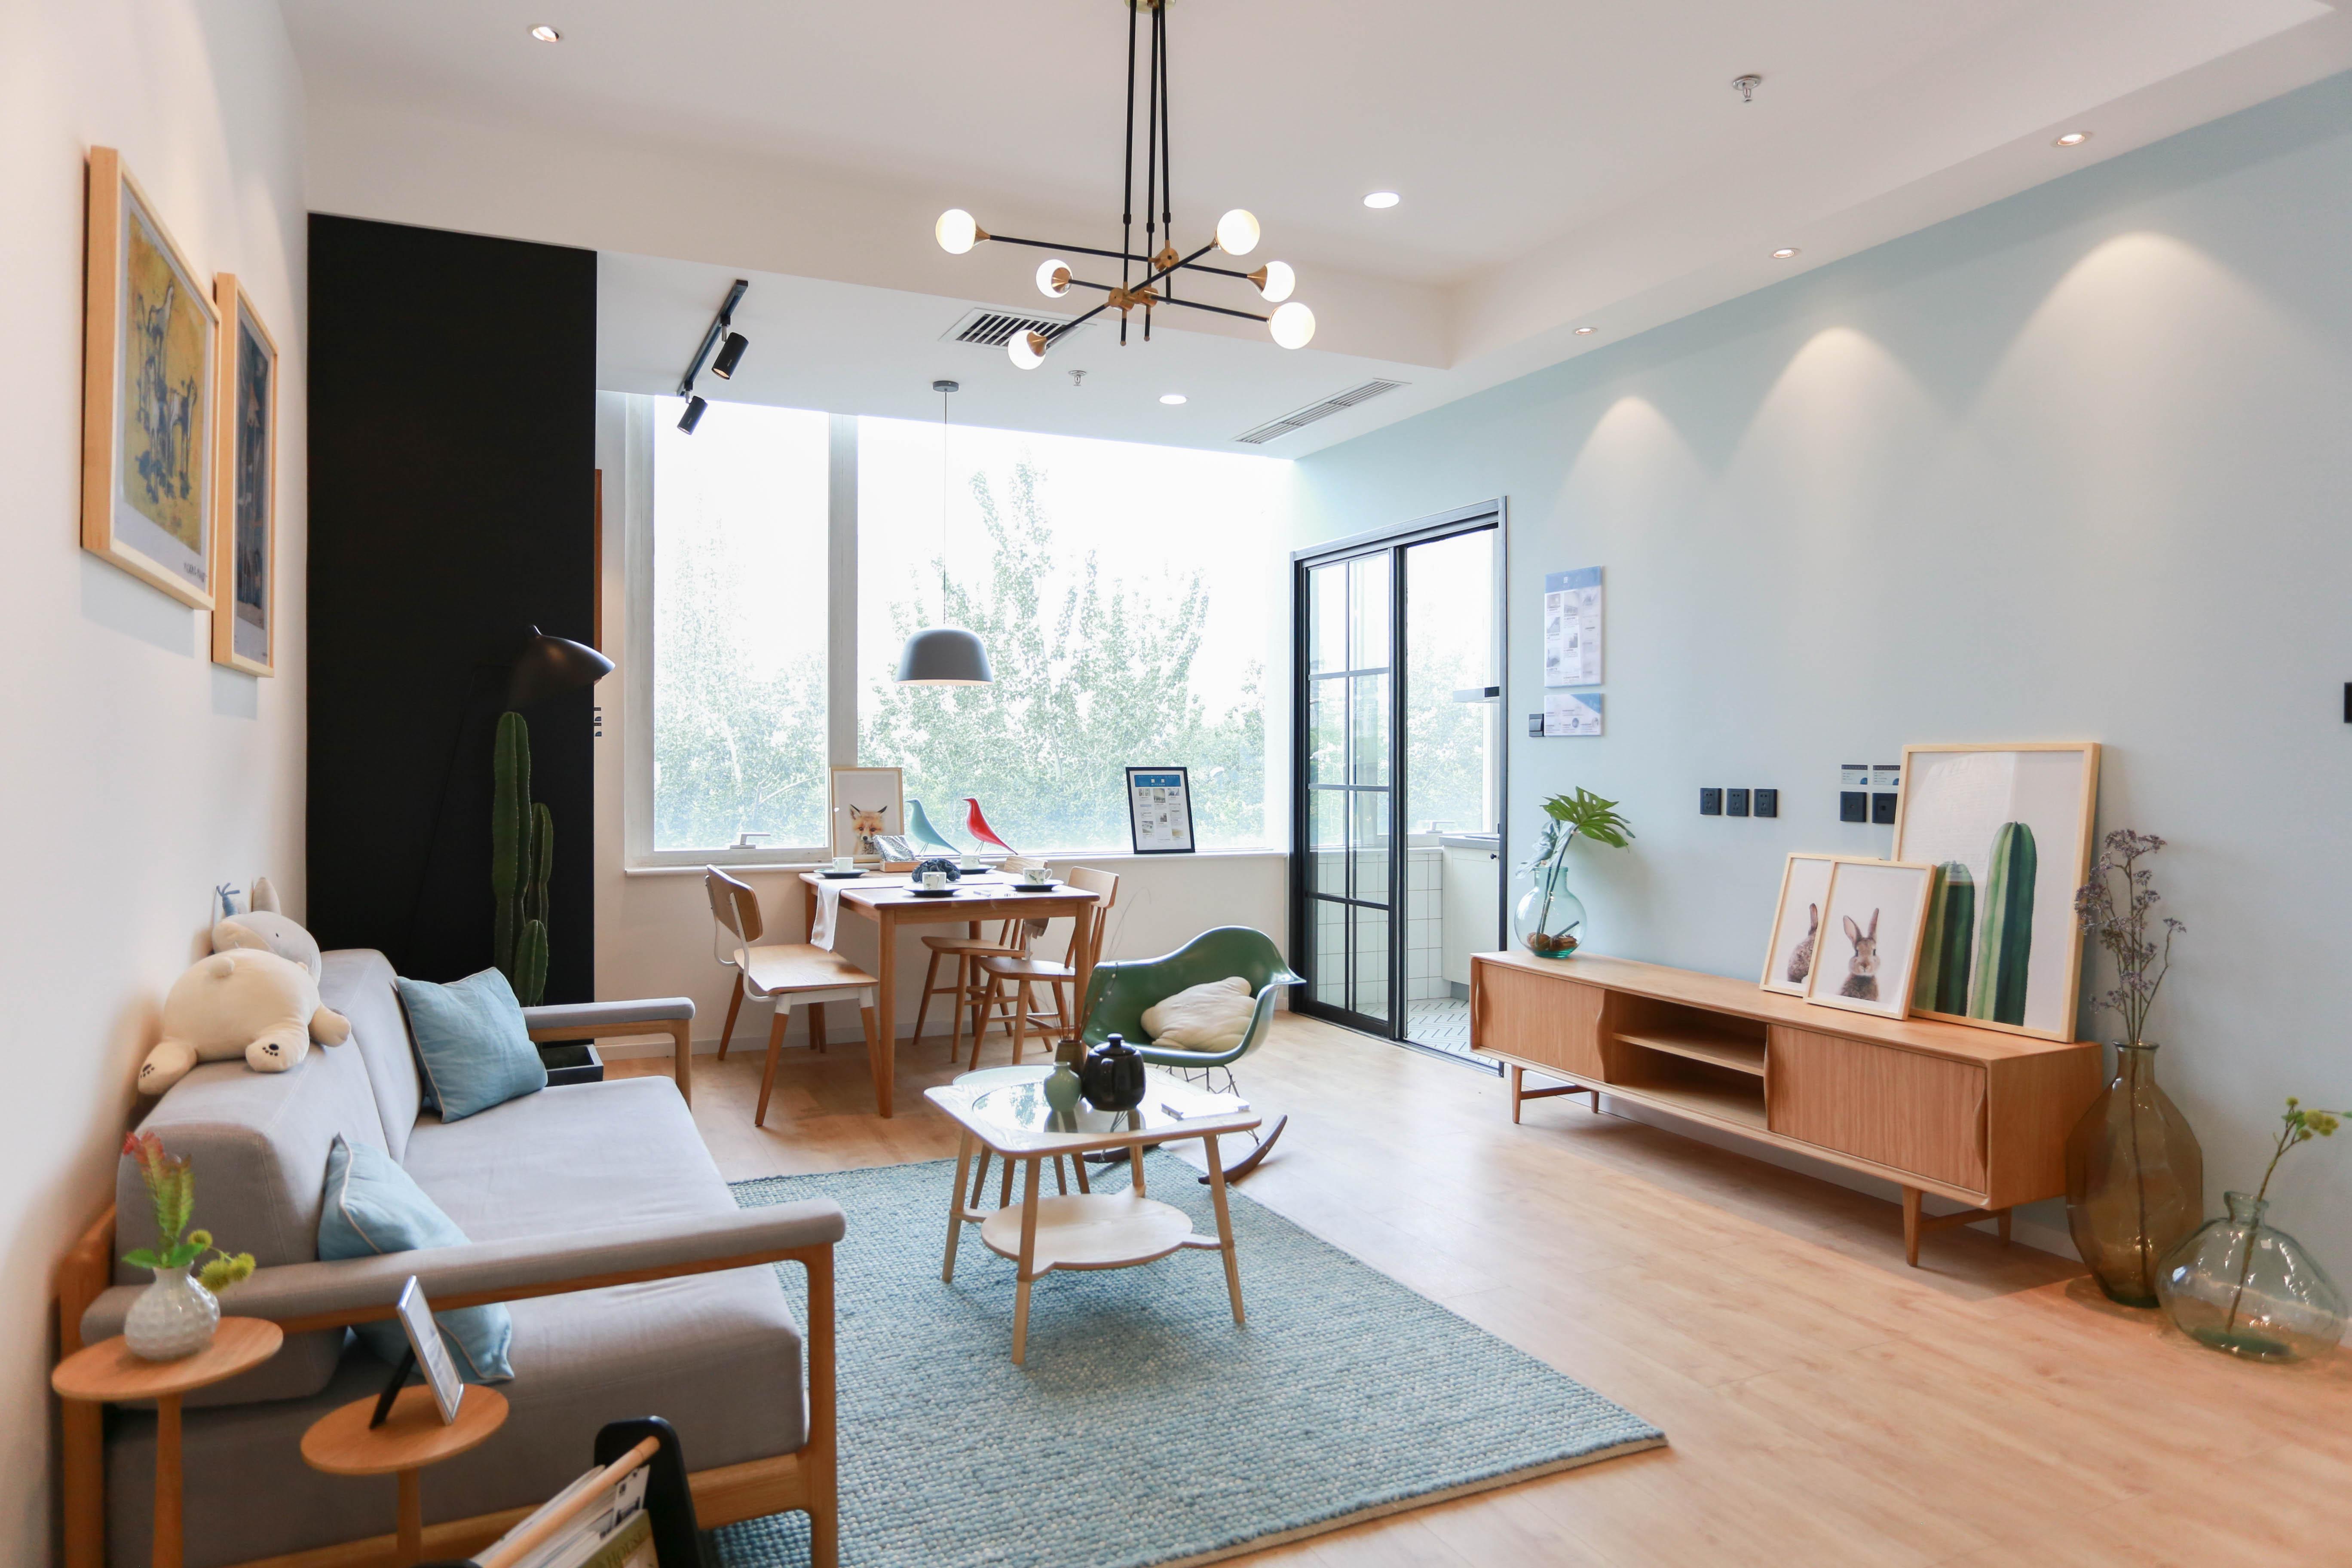 家装装修和工装装修的之间核心区别是什么